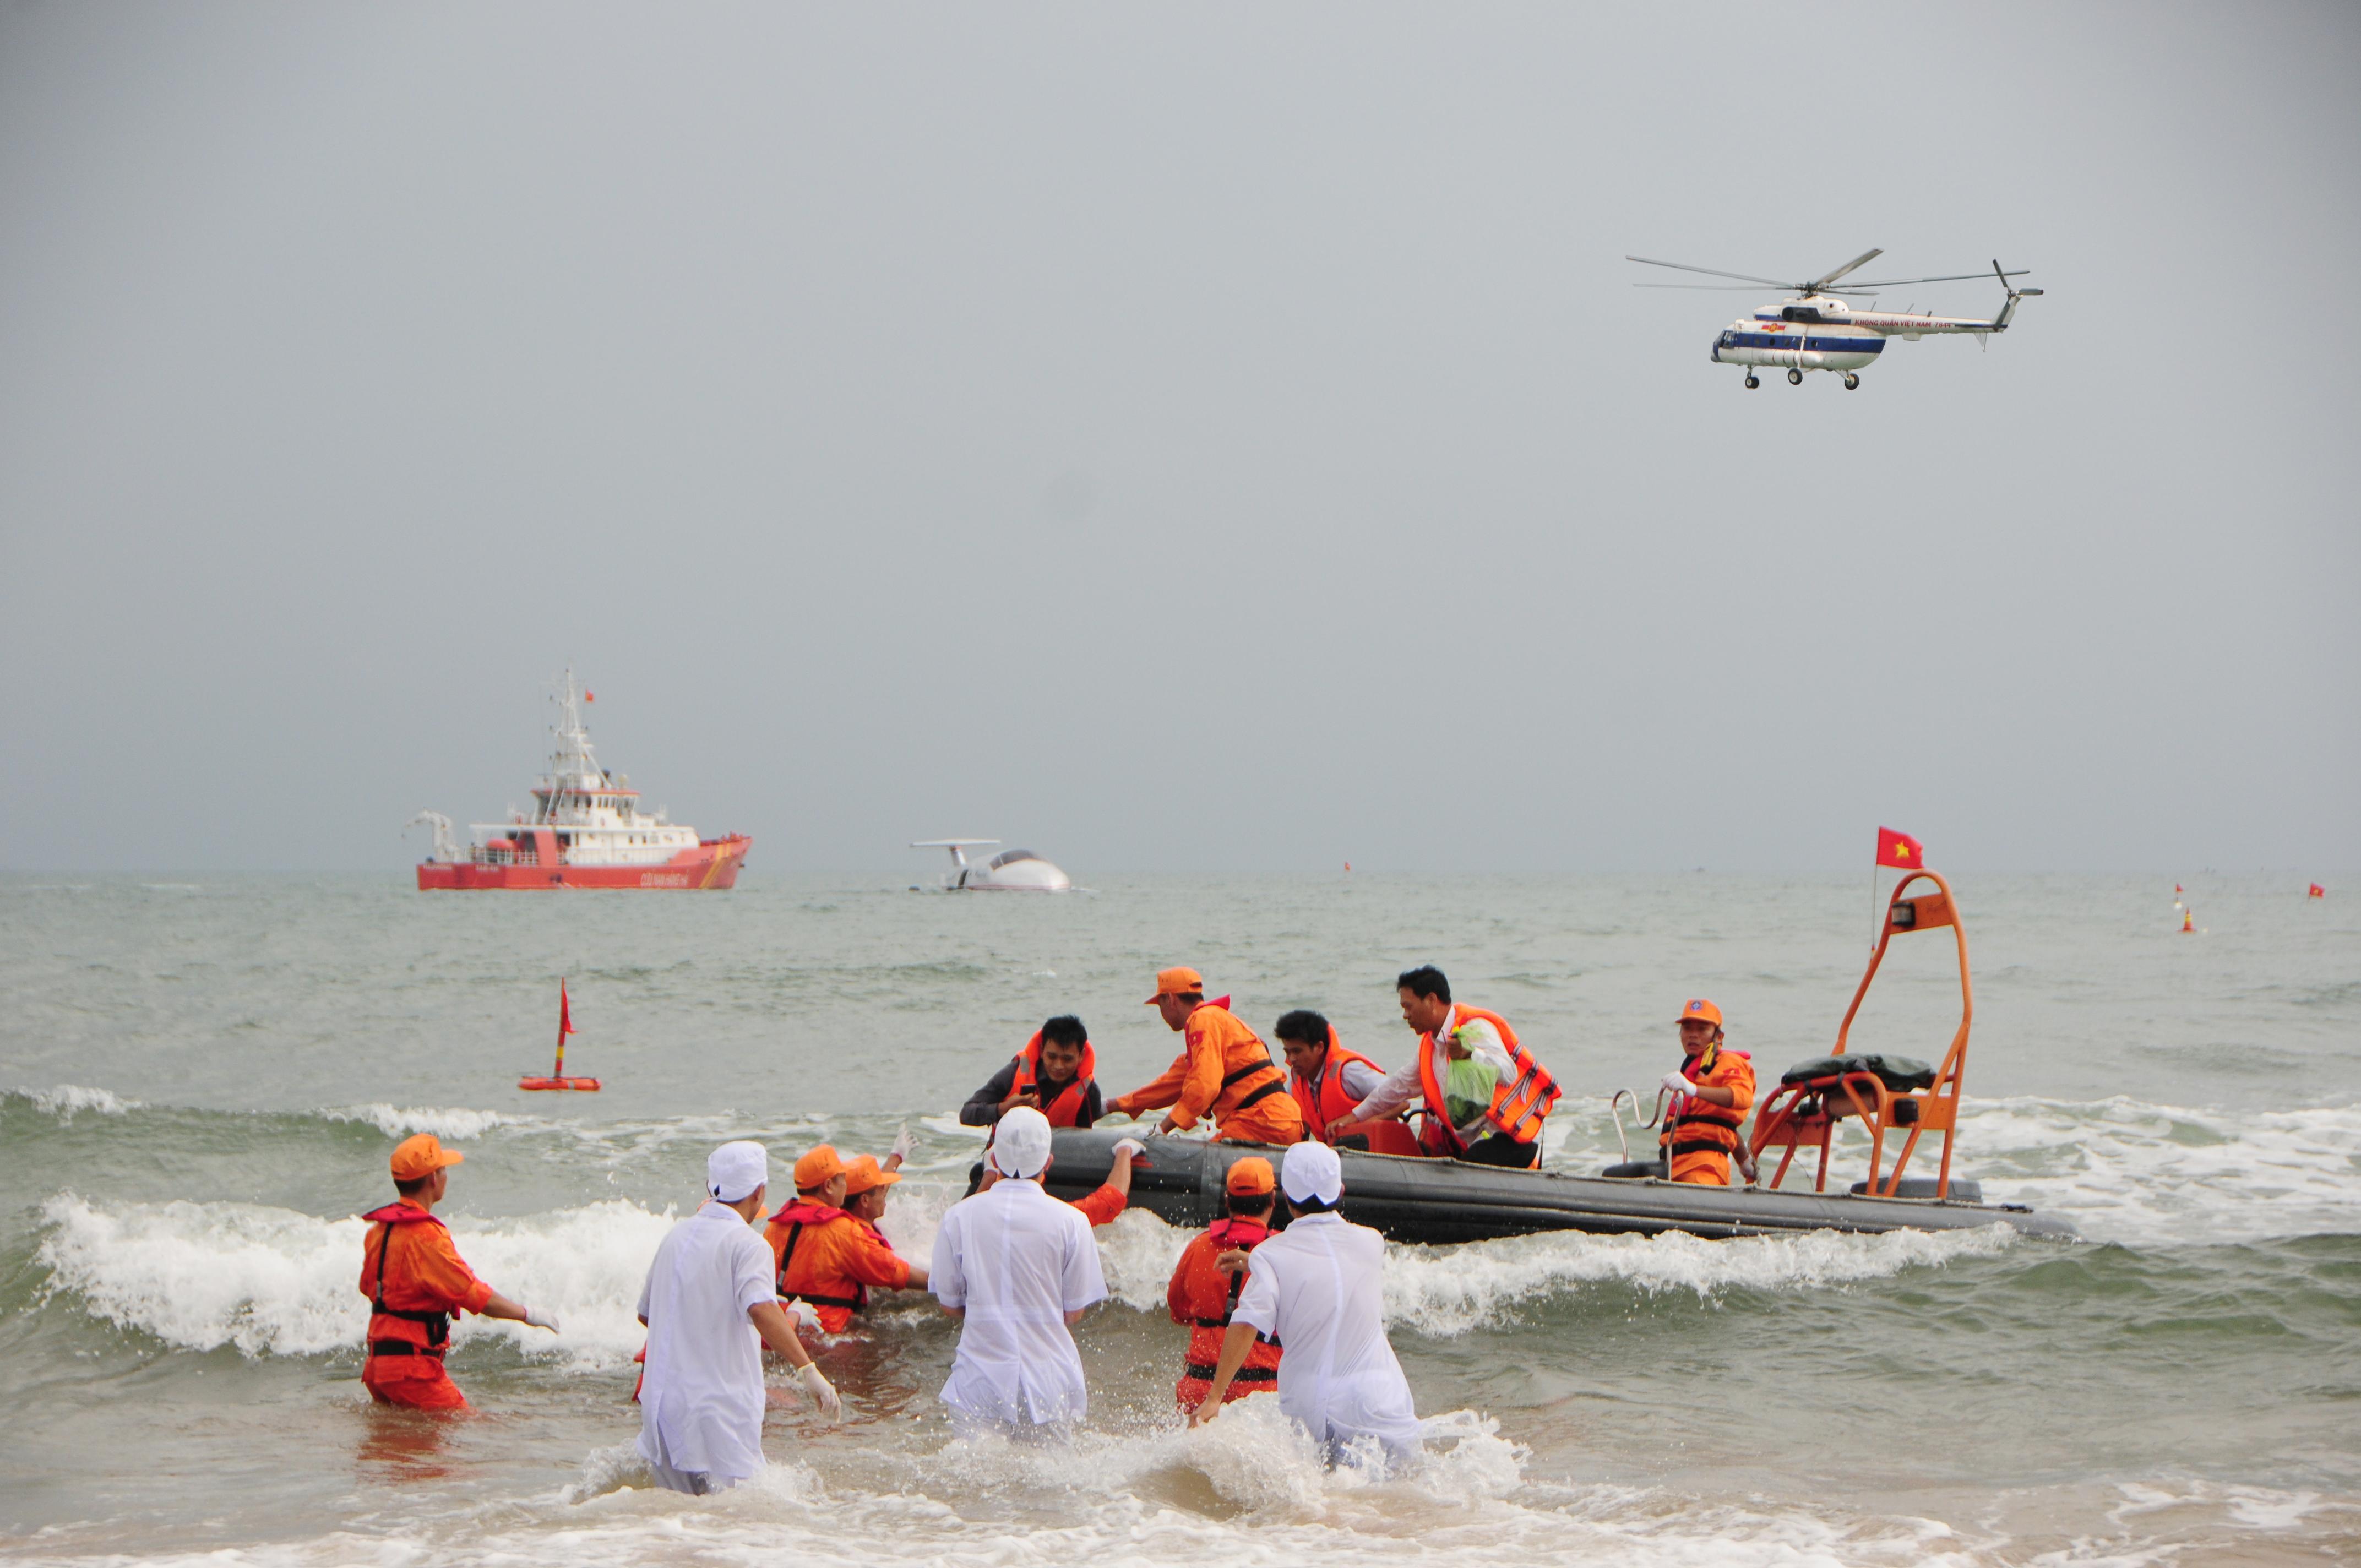 Giới thiệu về dịch vụ Tìm kiếm cứu nạn hàng không